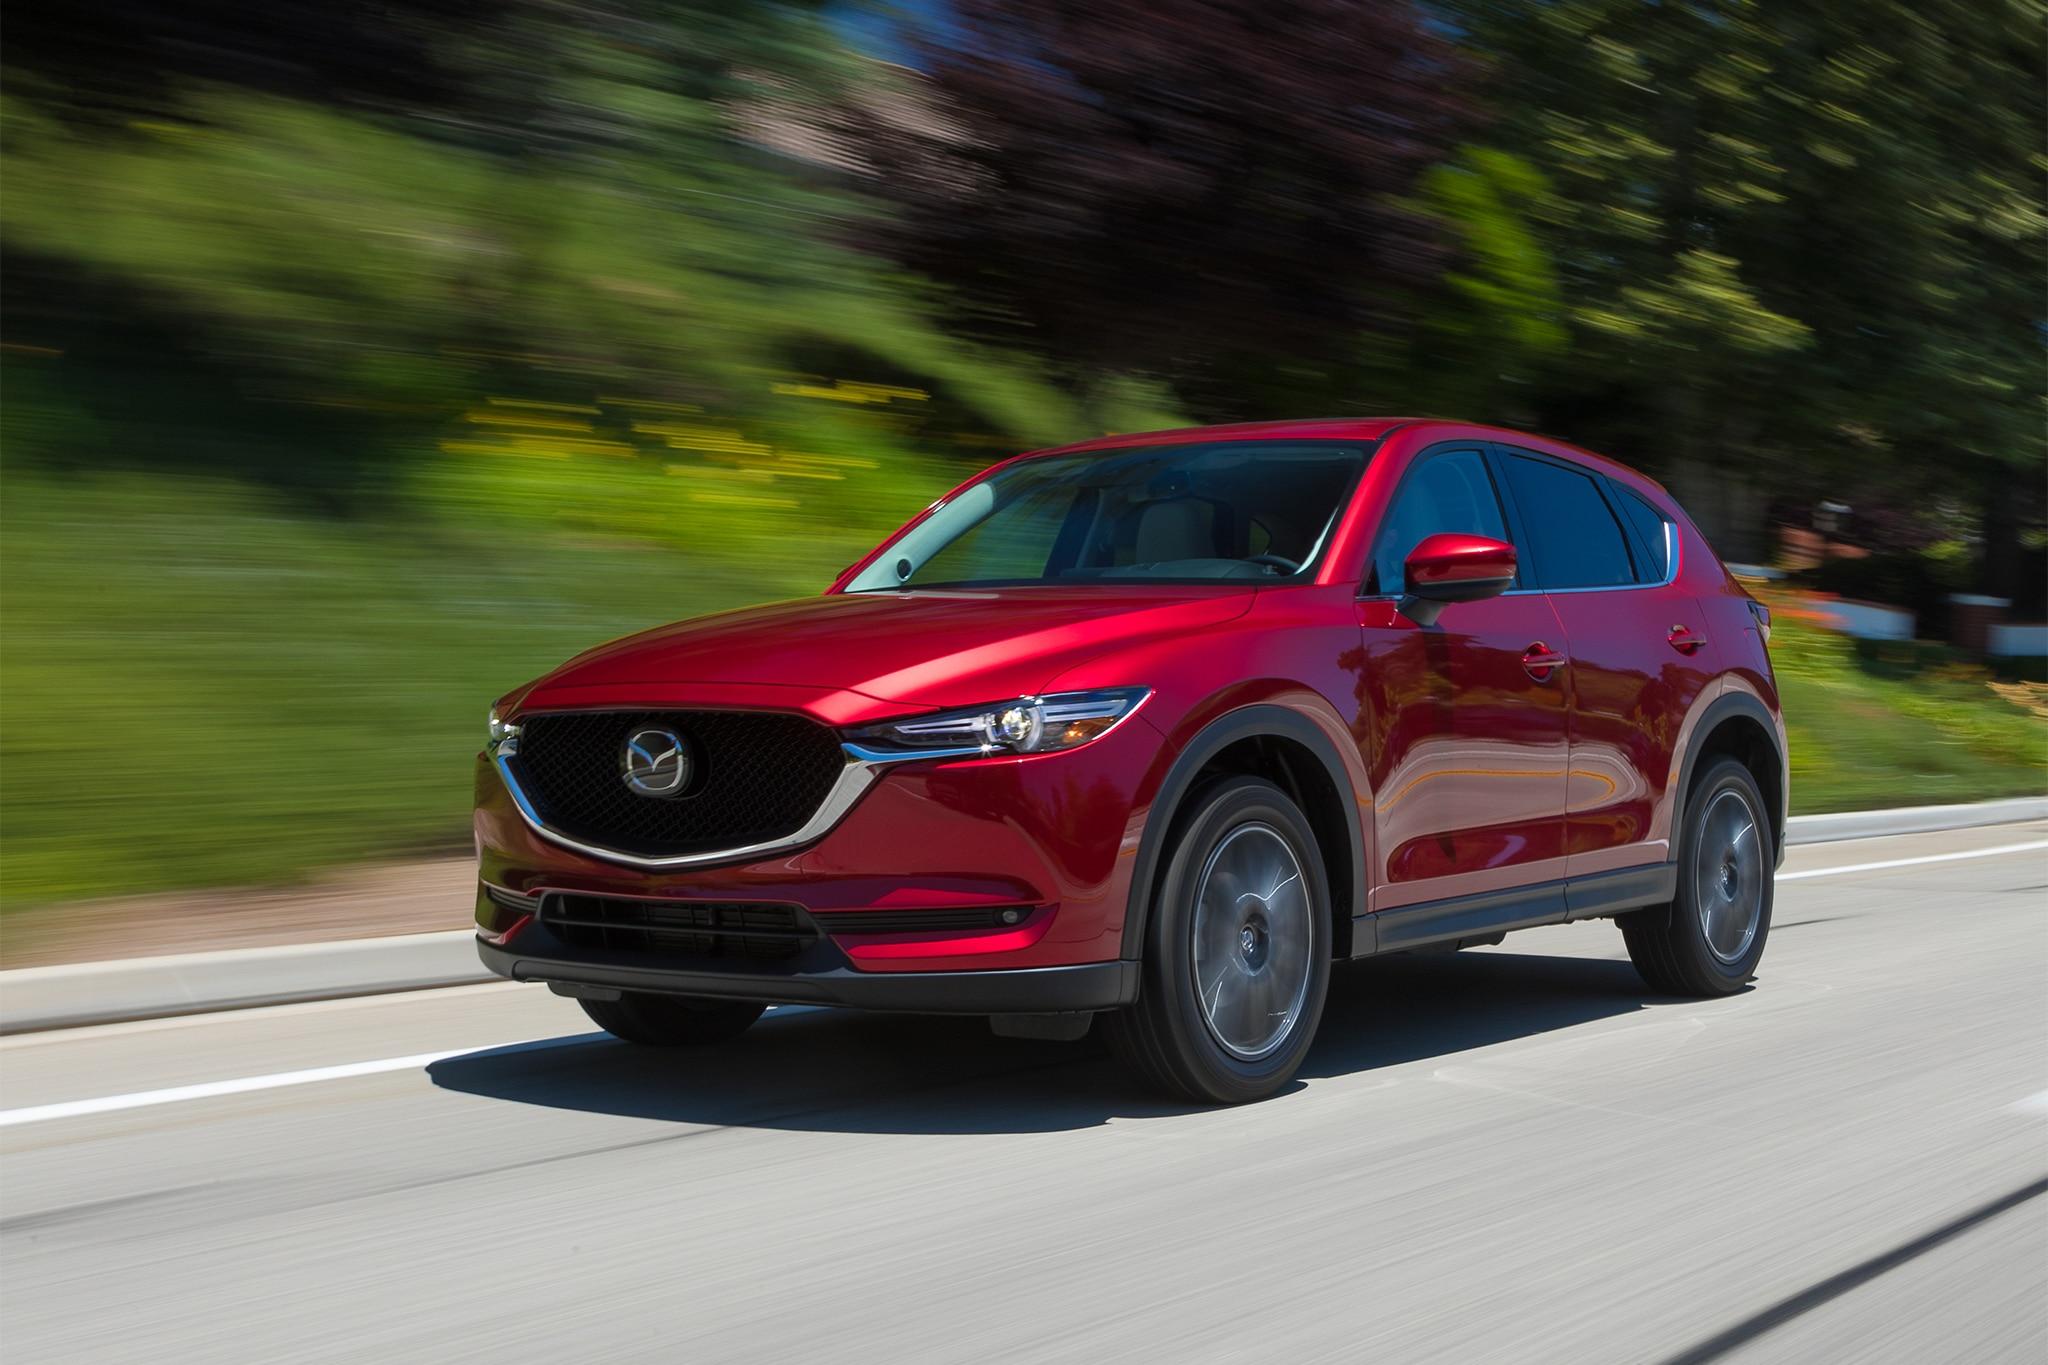 2017 Mazda CX-5 Grand Touring Four Seasons Wrap-Up | Automobile Magazine